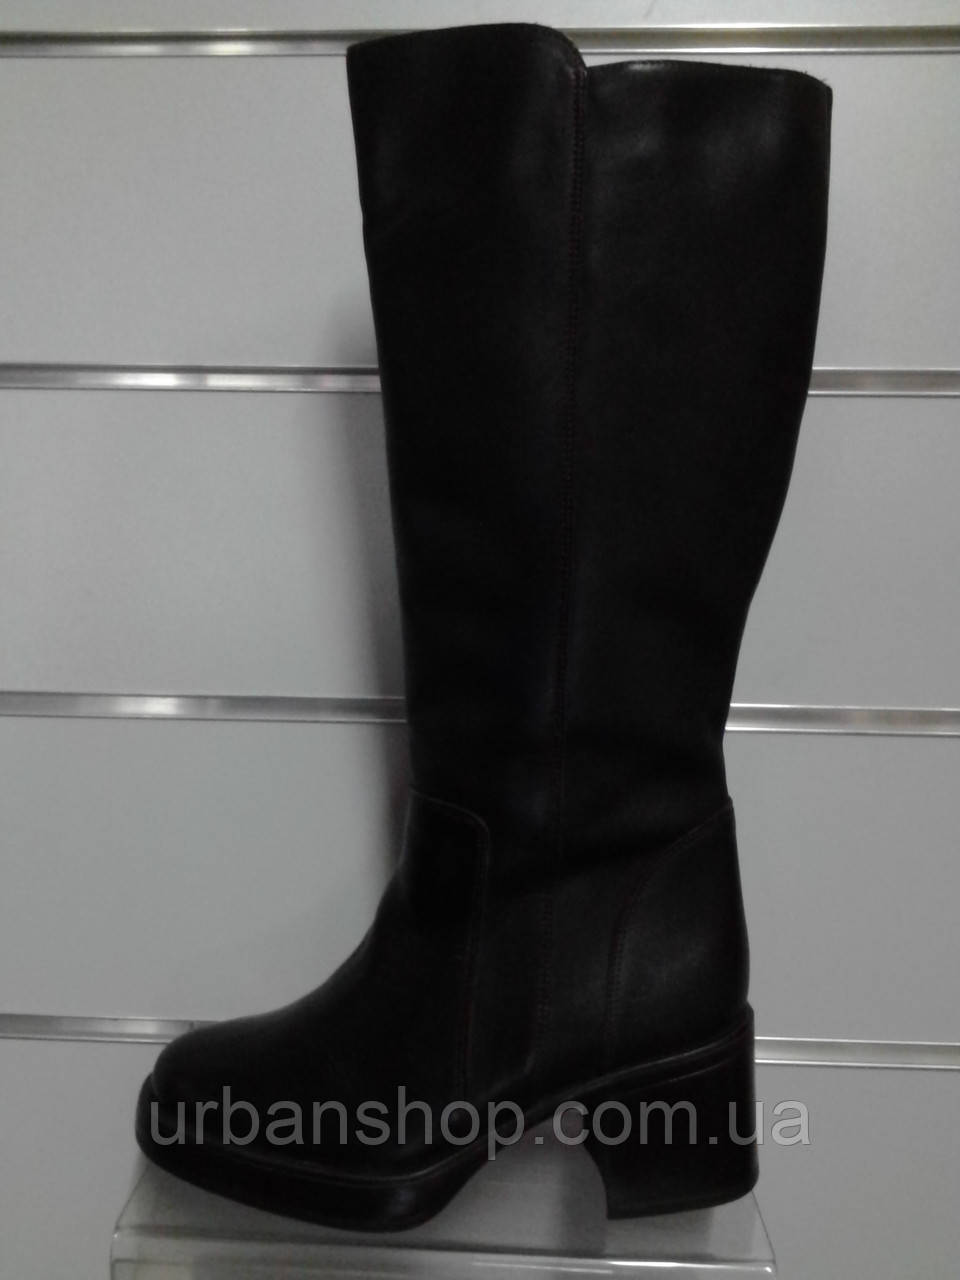 Сапоги Зимние - Мужская обувь Объявления в Украине на BESPLATKA.ua 481c817e8399f